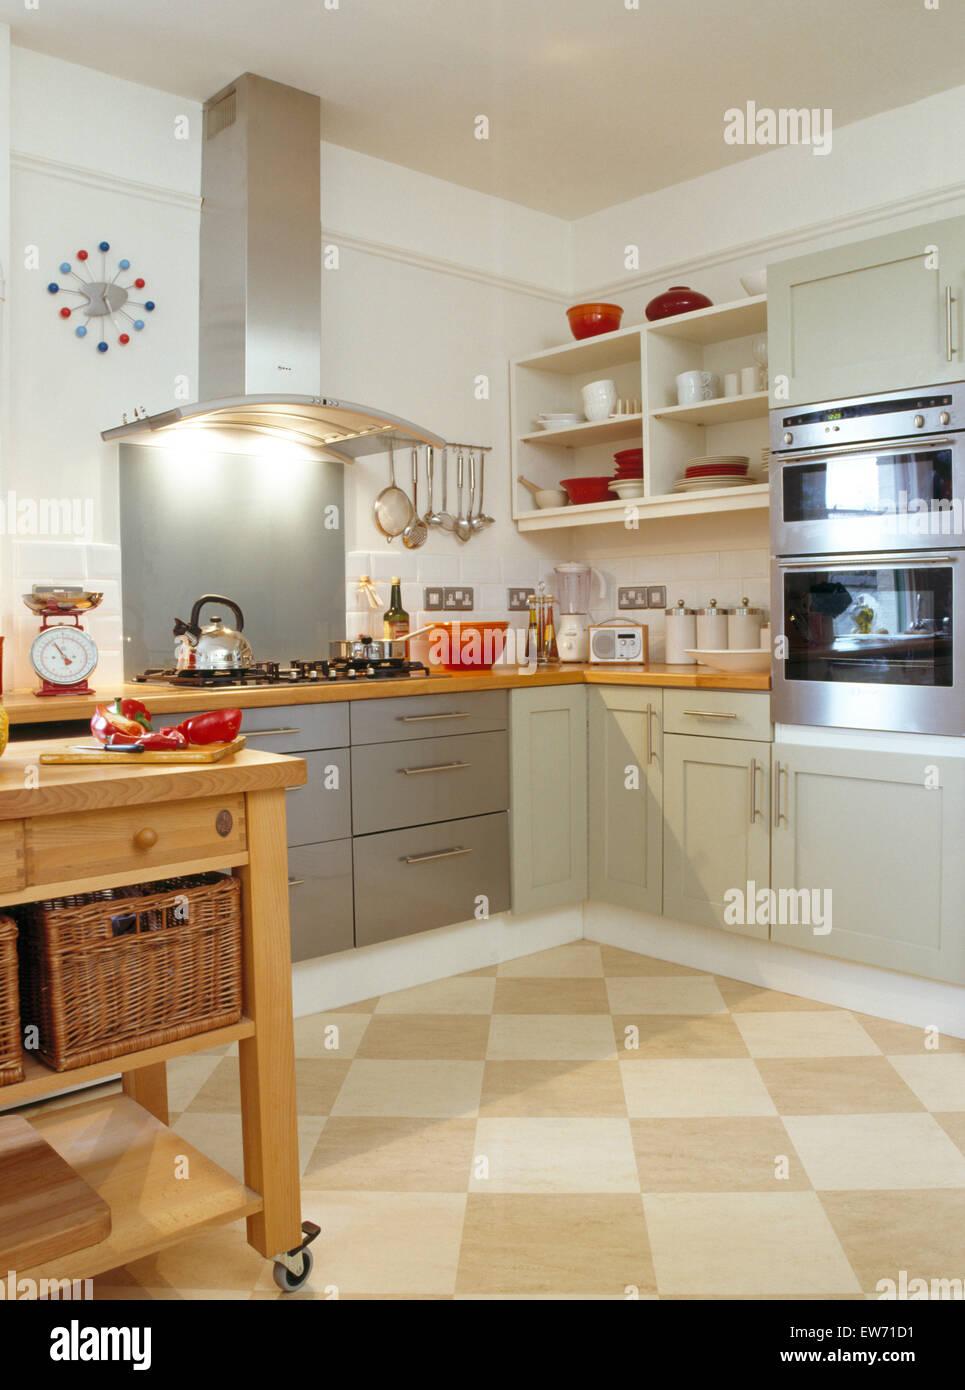 Piastrelle pavimento a scacchiera nella cucina moderna con ...